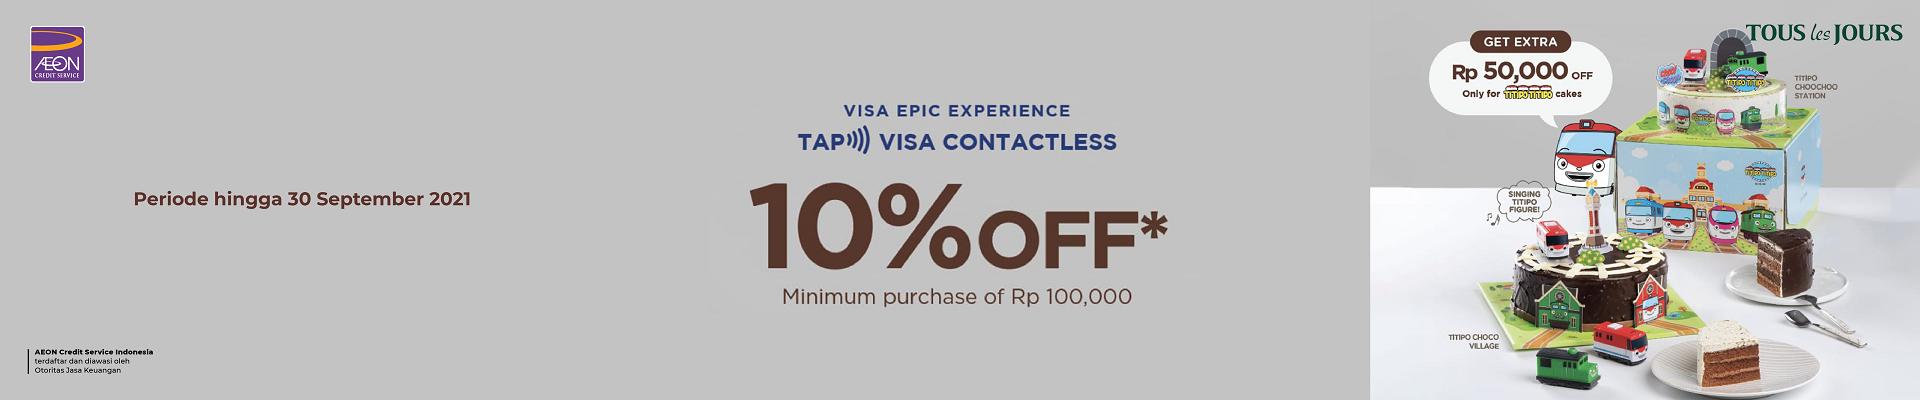 Visa Contactless Campaign Tous Les Jours